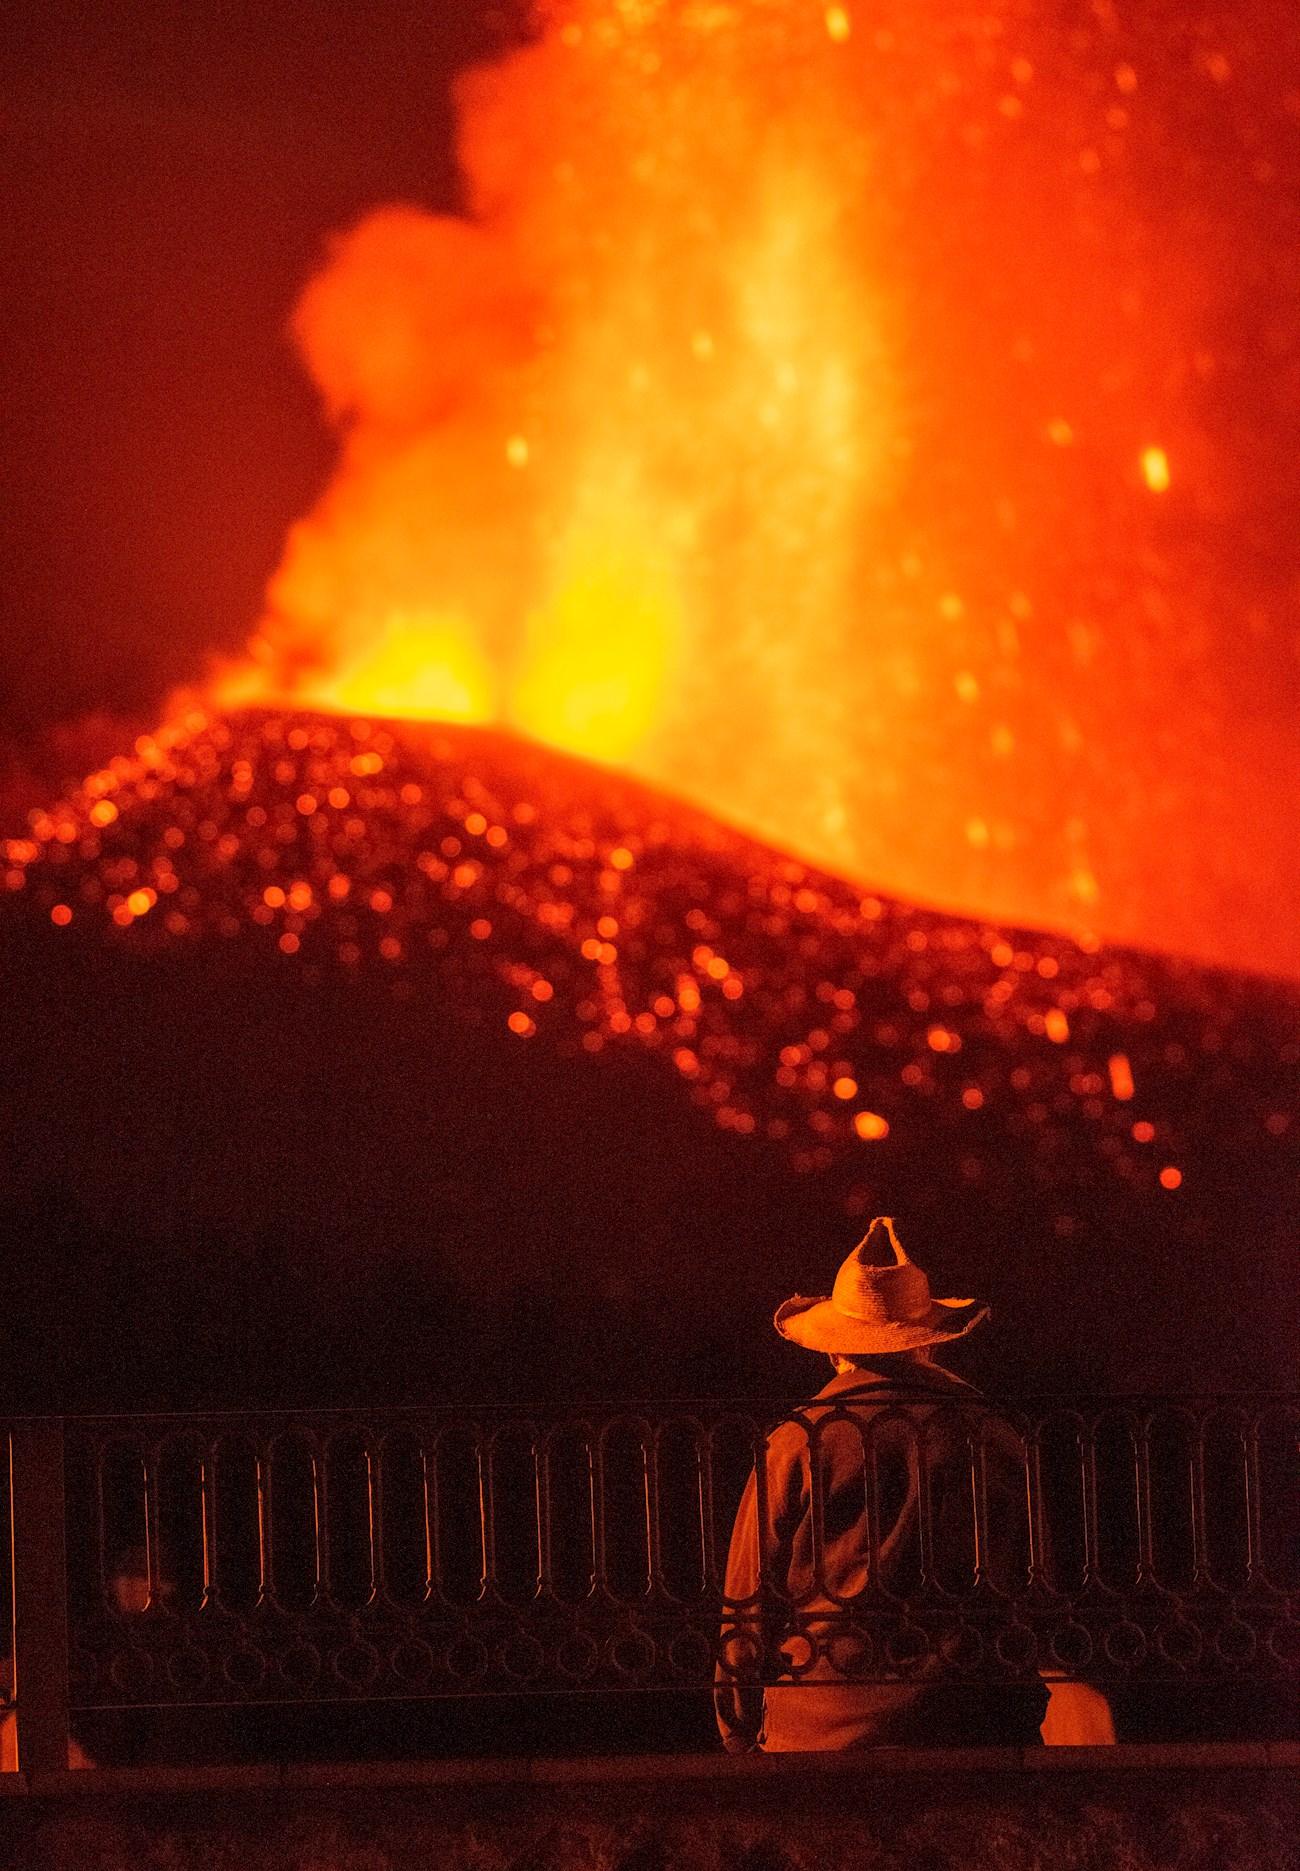 Varios derrumbes en la cara norte del volcán de La Palma aceleran el flujo de las coladas. Autoridades llaman a guardar la calma